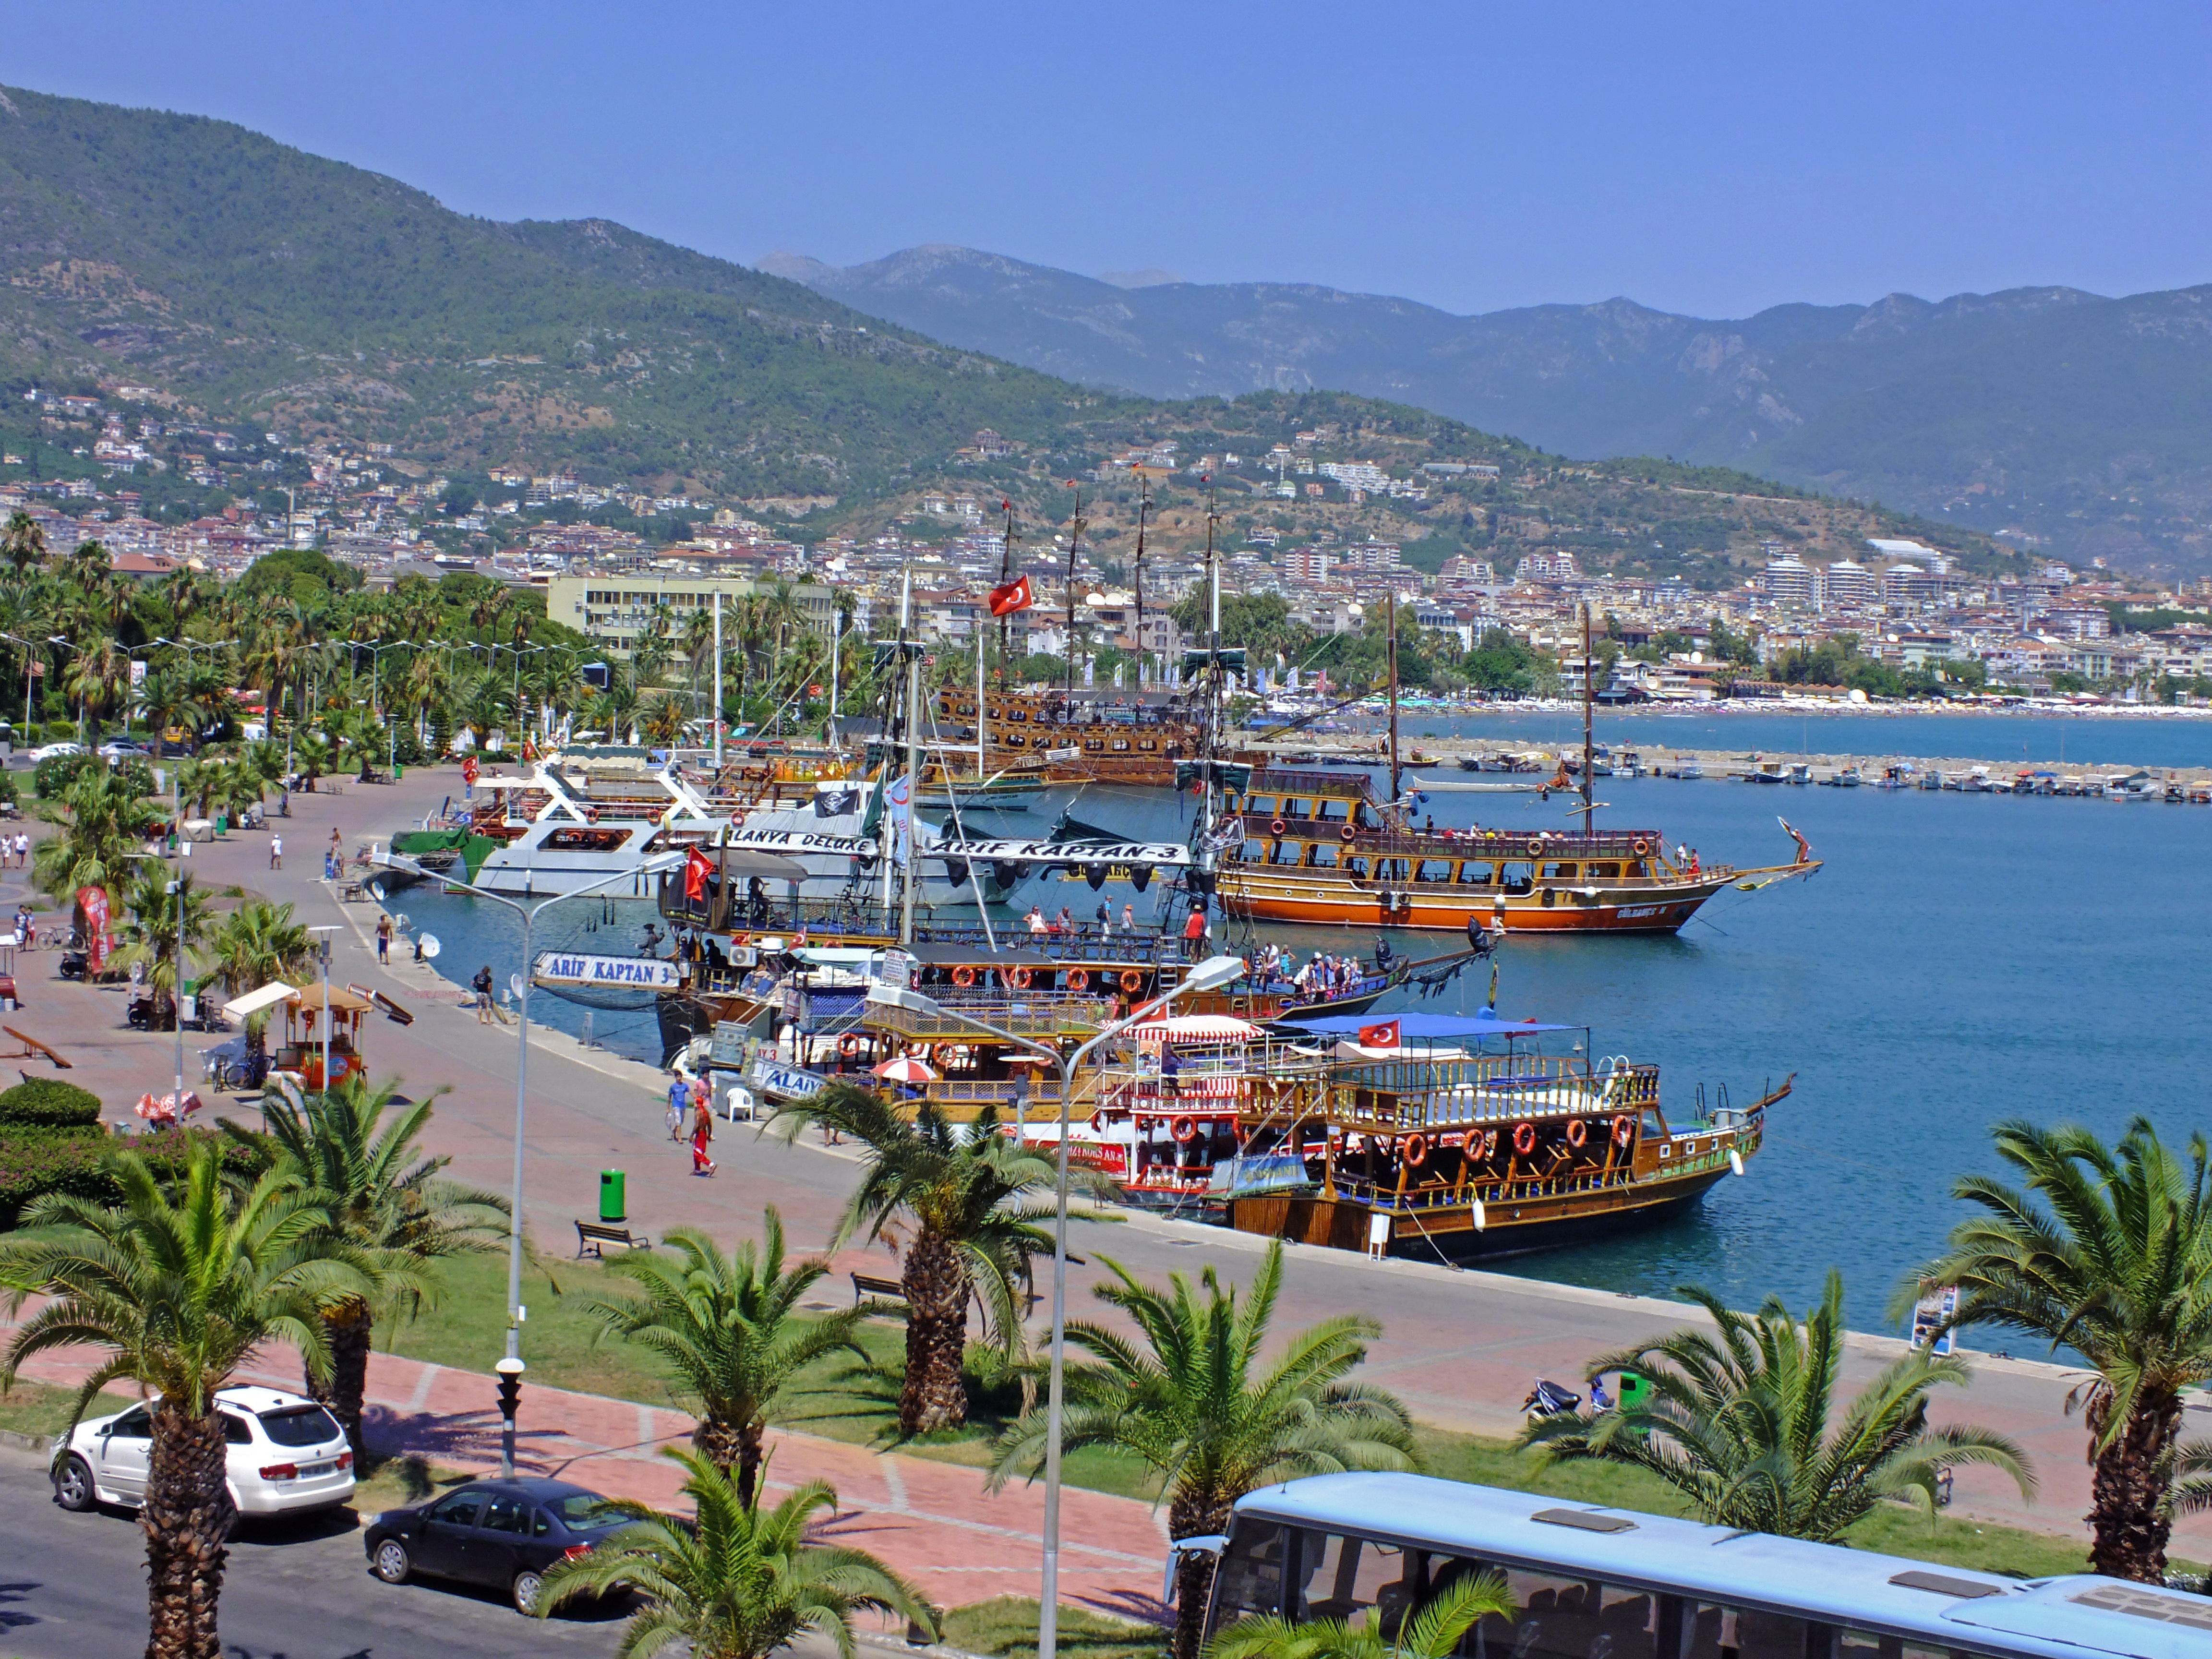 Der Hafen Alanyas, Pia by Nize